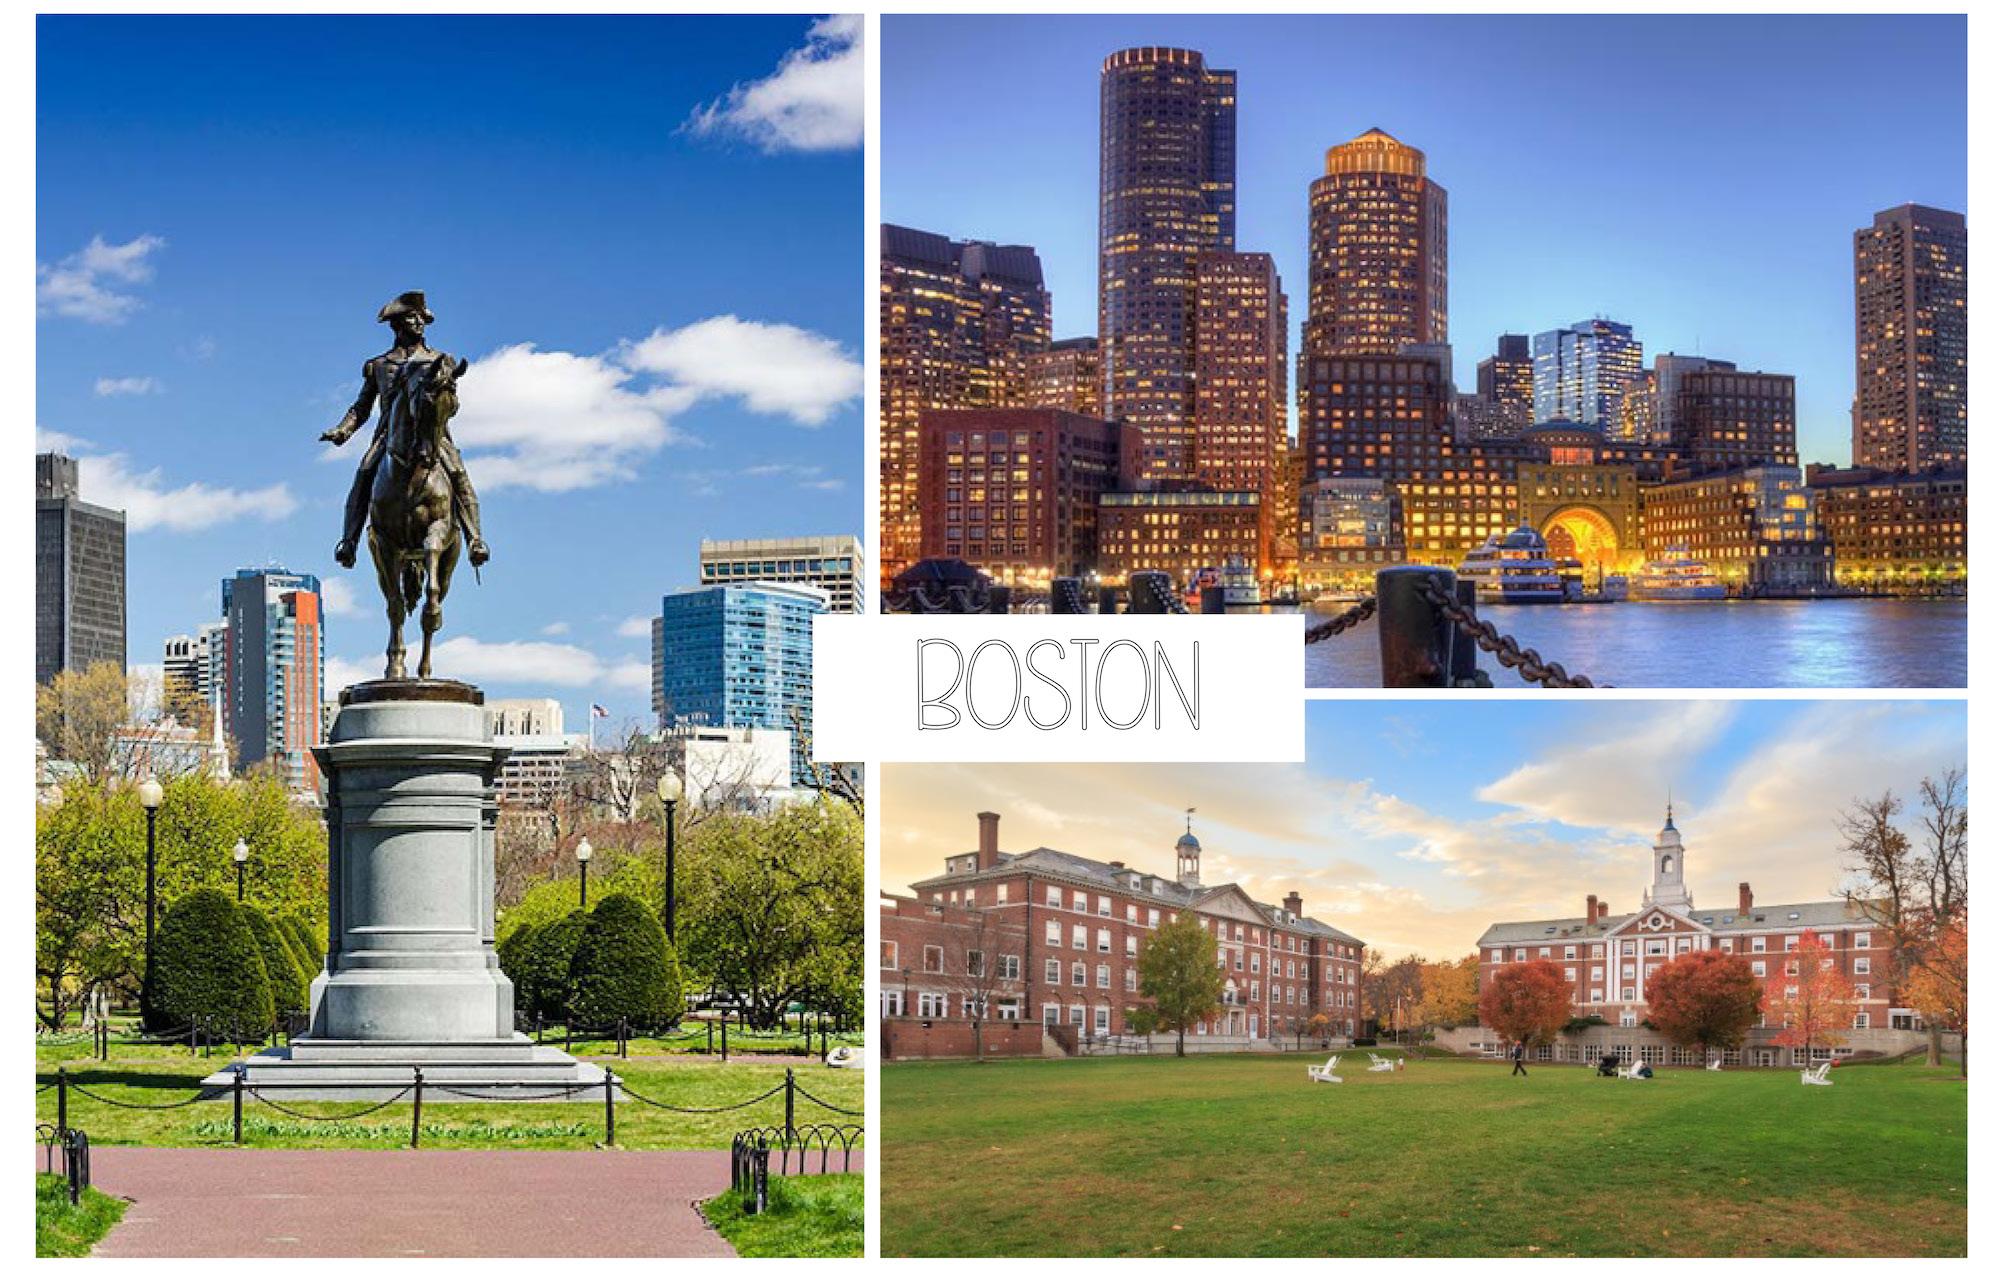 Road Trip Canada USA - Boston